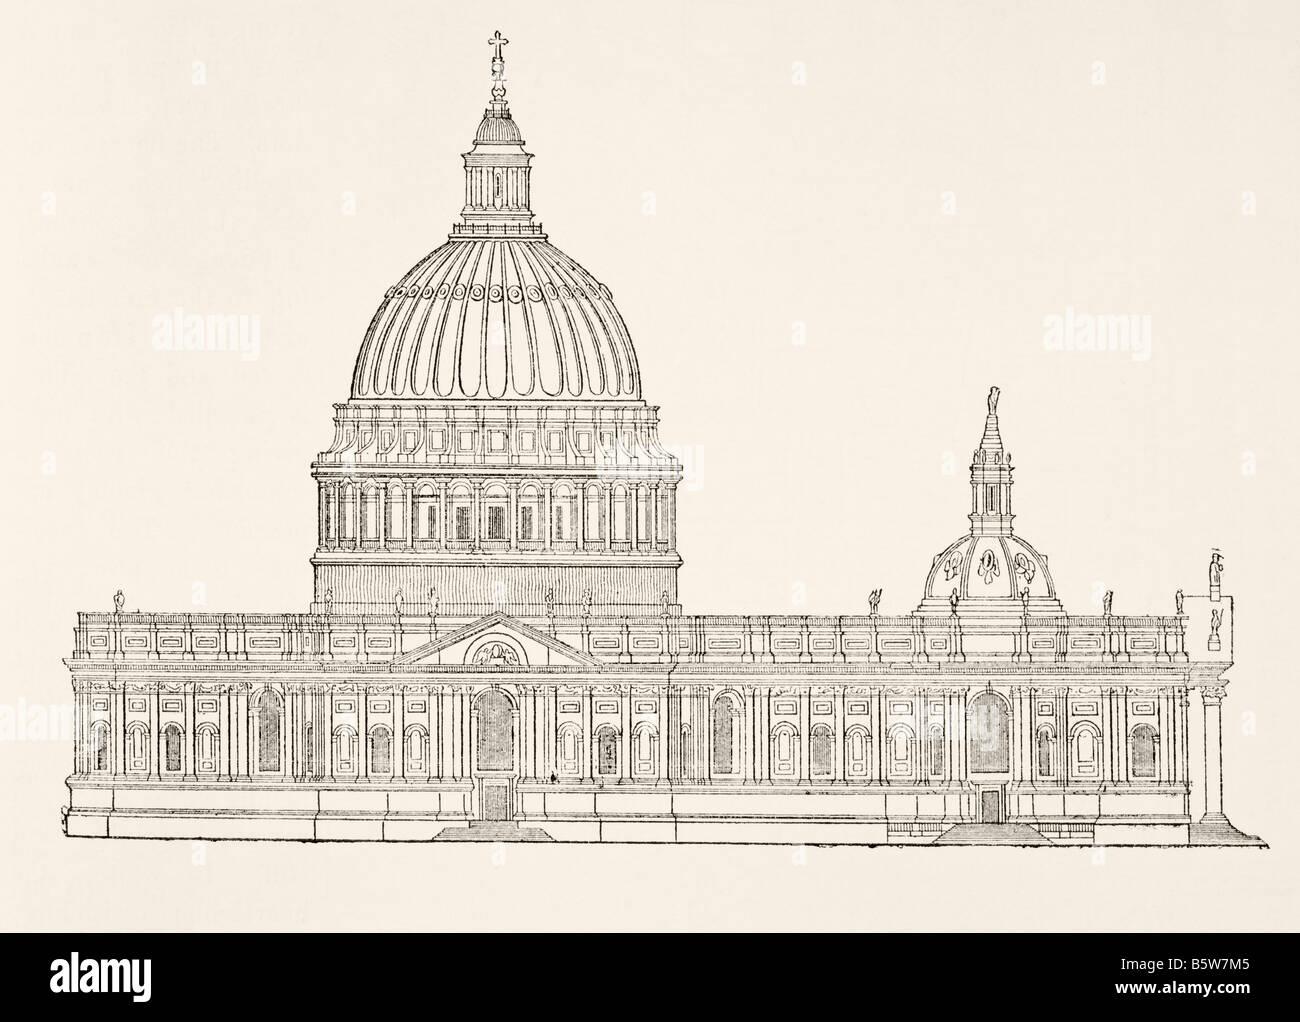 Christopher Wren's primer diseño para la nueva Catedral de San Pablo0s tras el Gran Incendio de Londres. Foto de stock